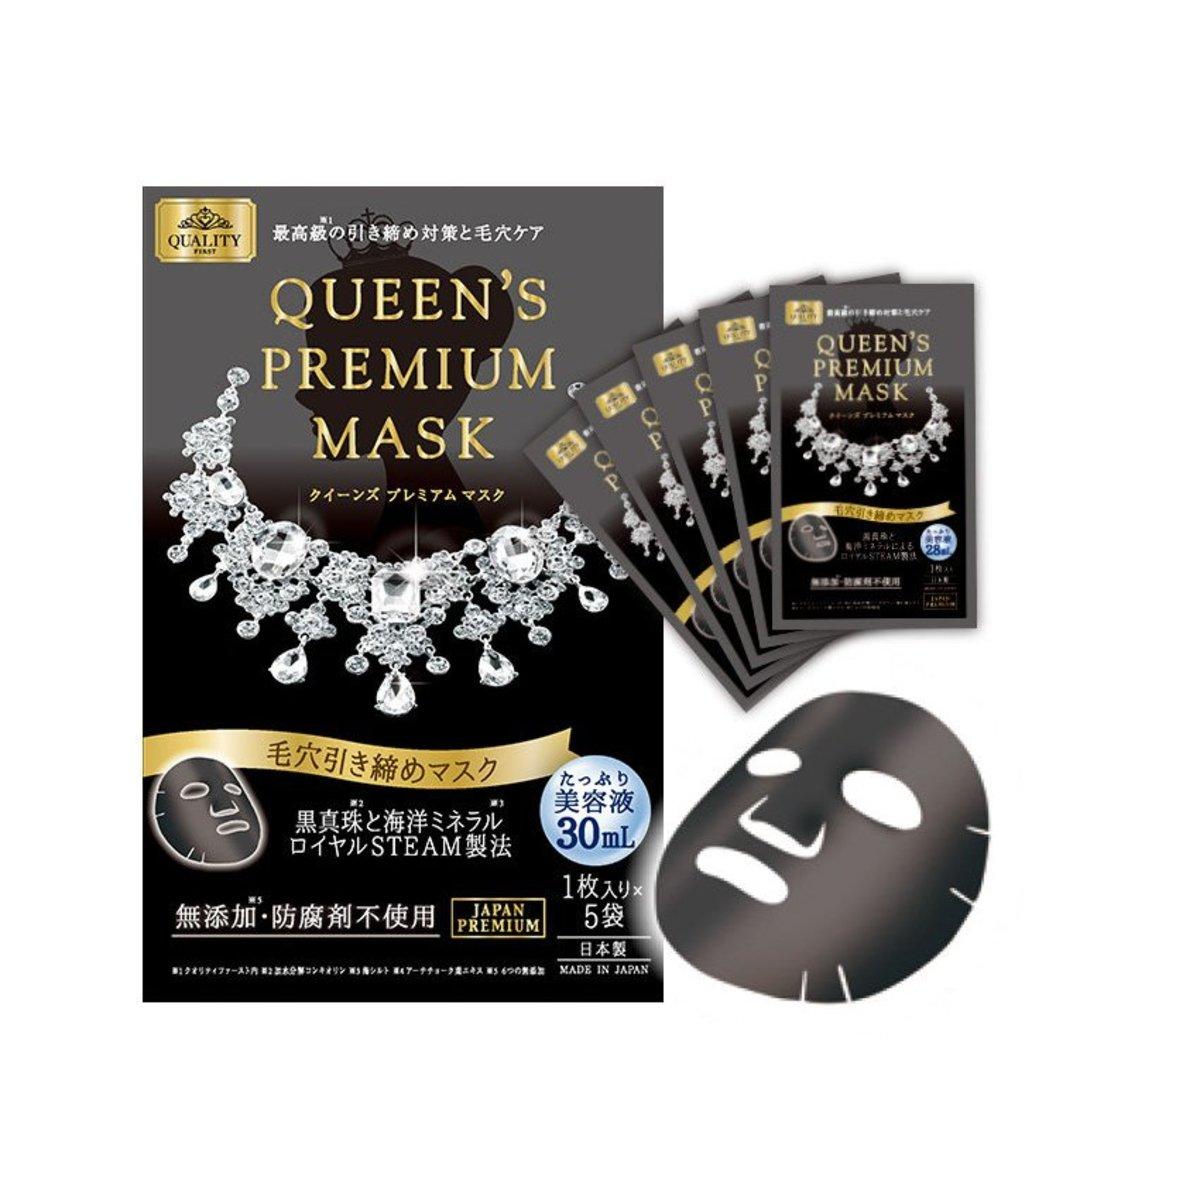 Queen's Premium Pore Tightening Mask (Black) 5pcs  [Parallel Import]